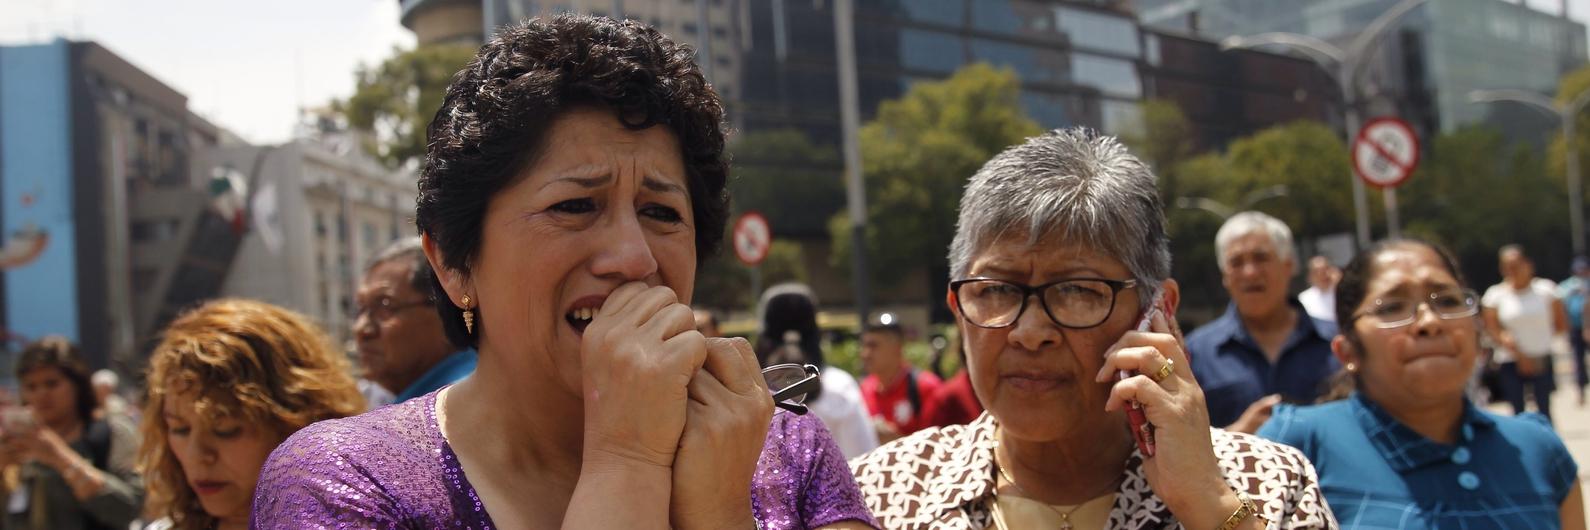 Sismo no México. Número de mortos aumenta para 134 e as buscas continuam